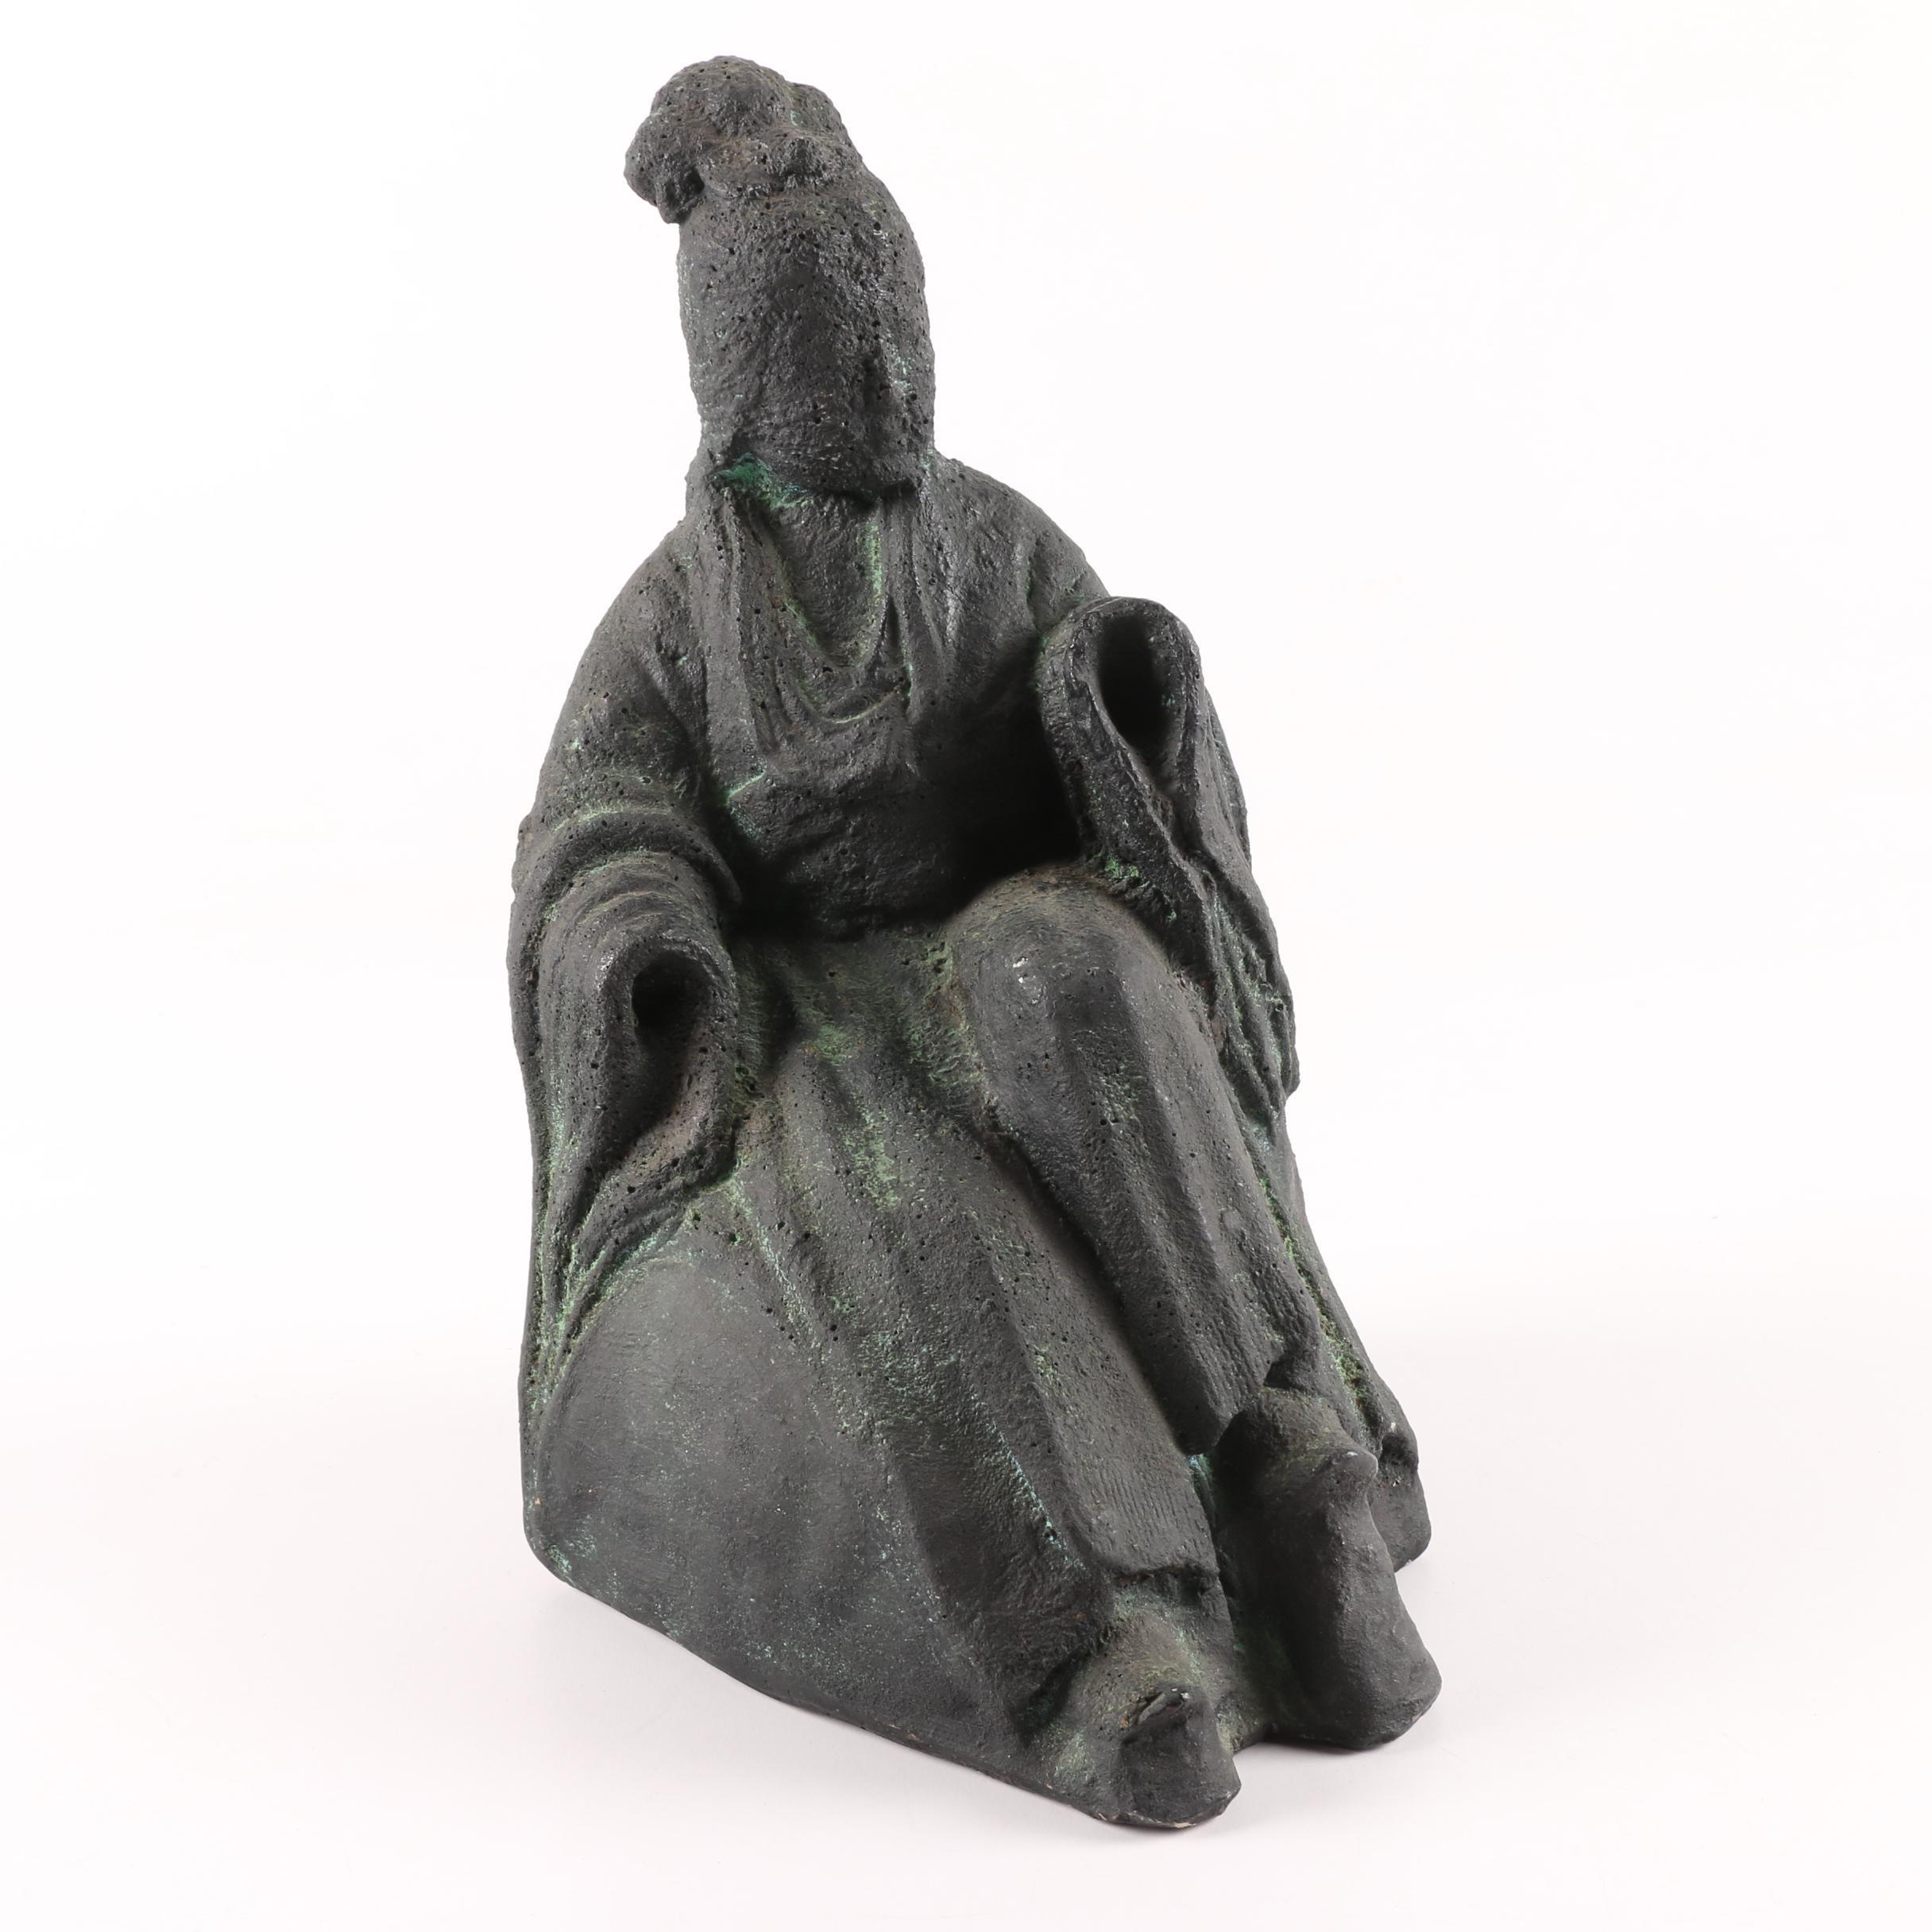 Asian Inspired Plaster Figurine